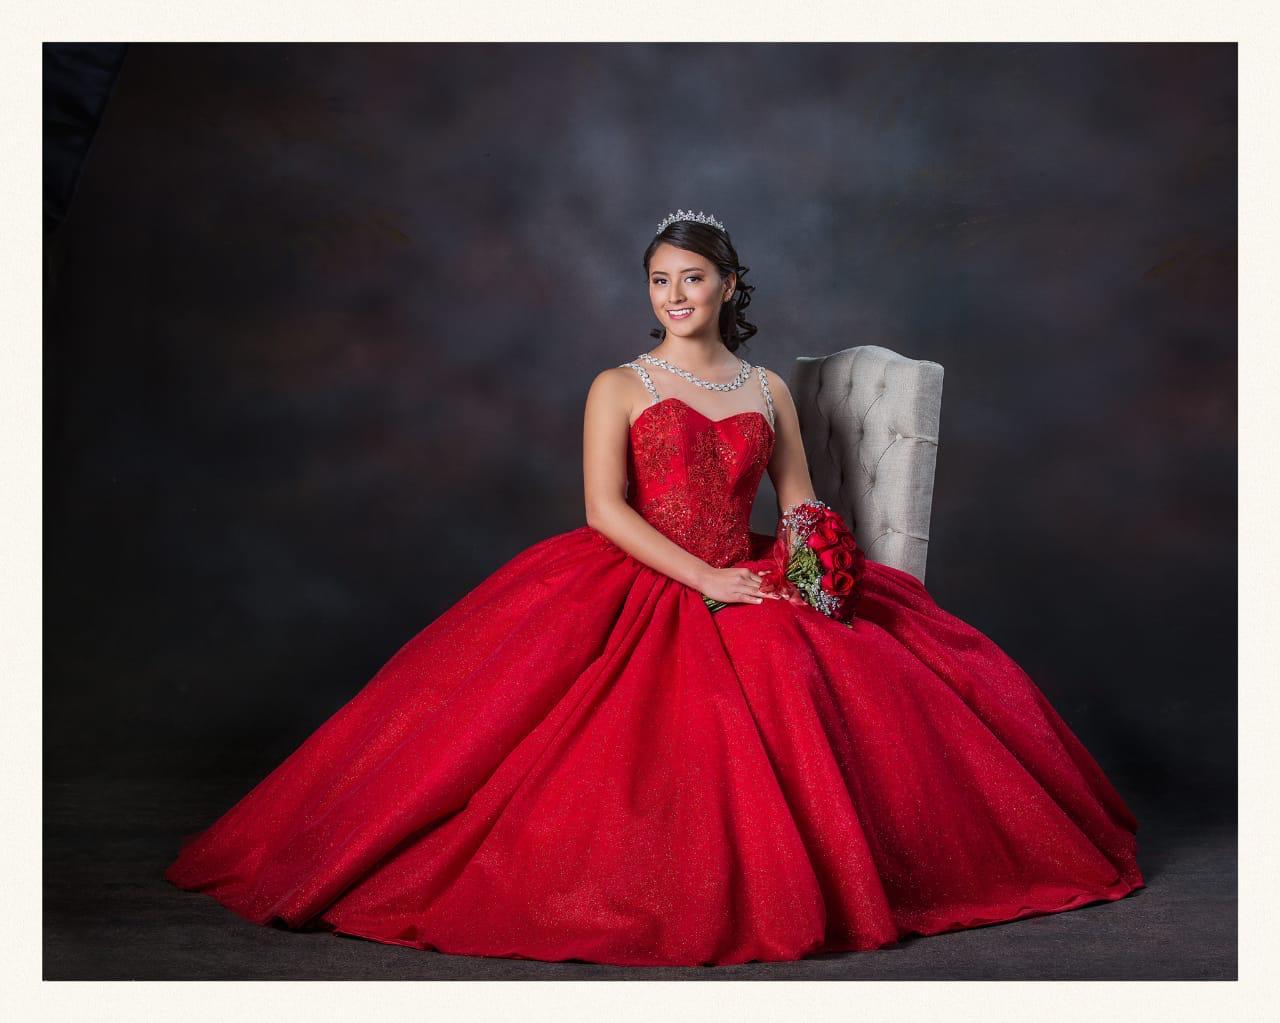 15906f27be Vestido XV Años Pachuca- Irma Caroline 7717091016. Vestido XV Años Pachuca-  Irma Caroline 7717091016